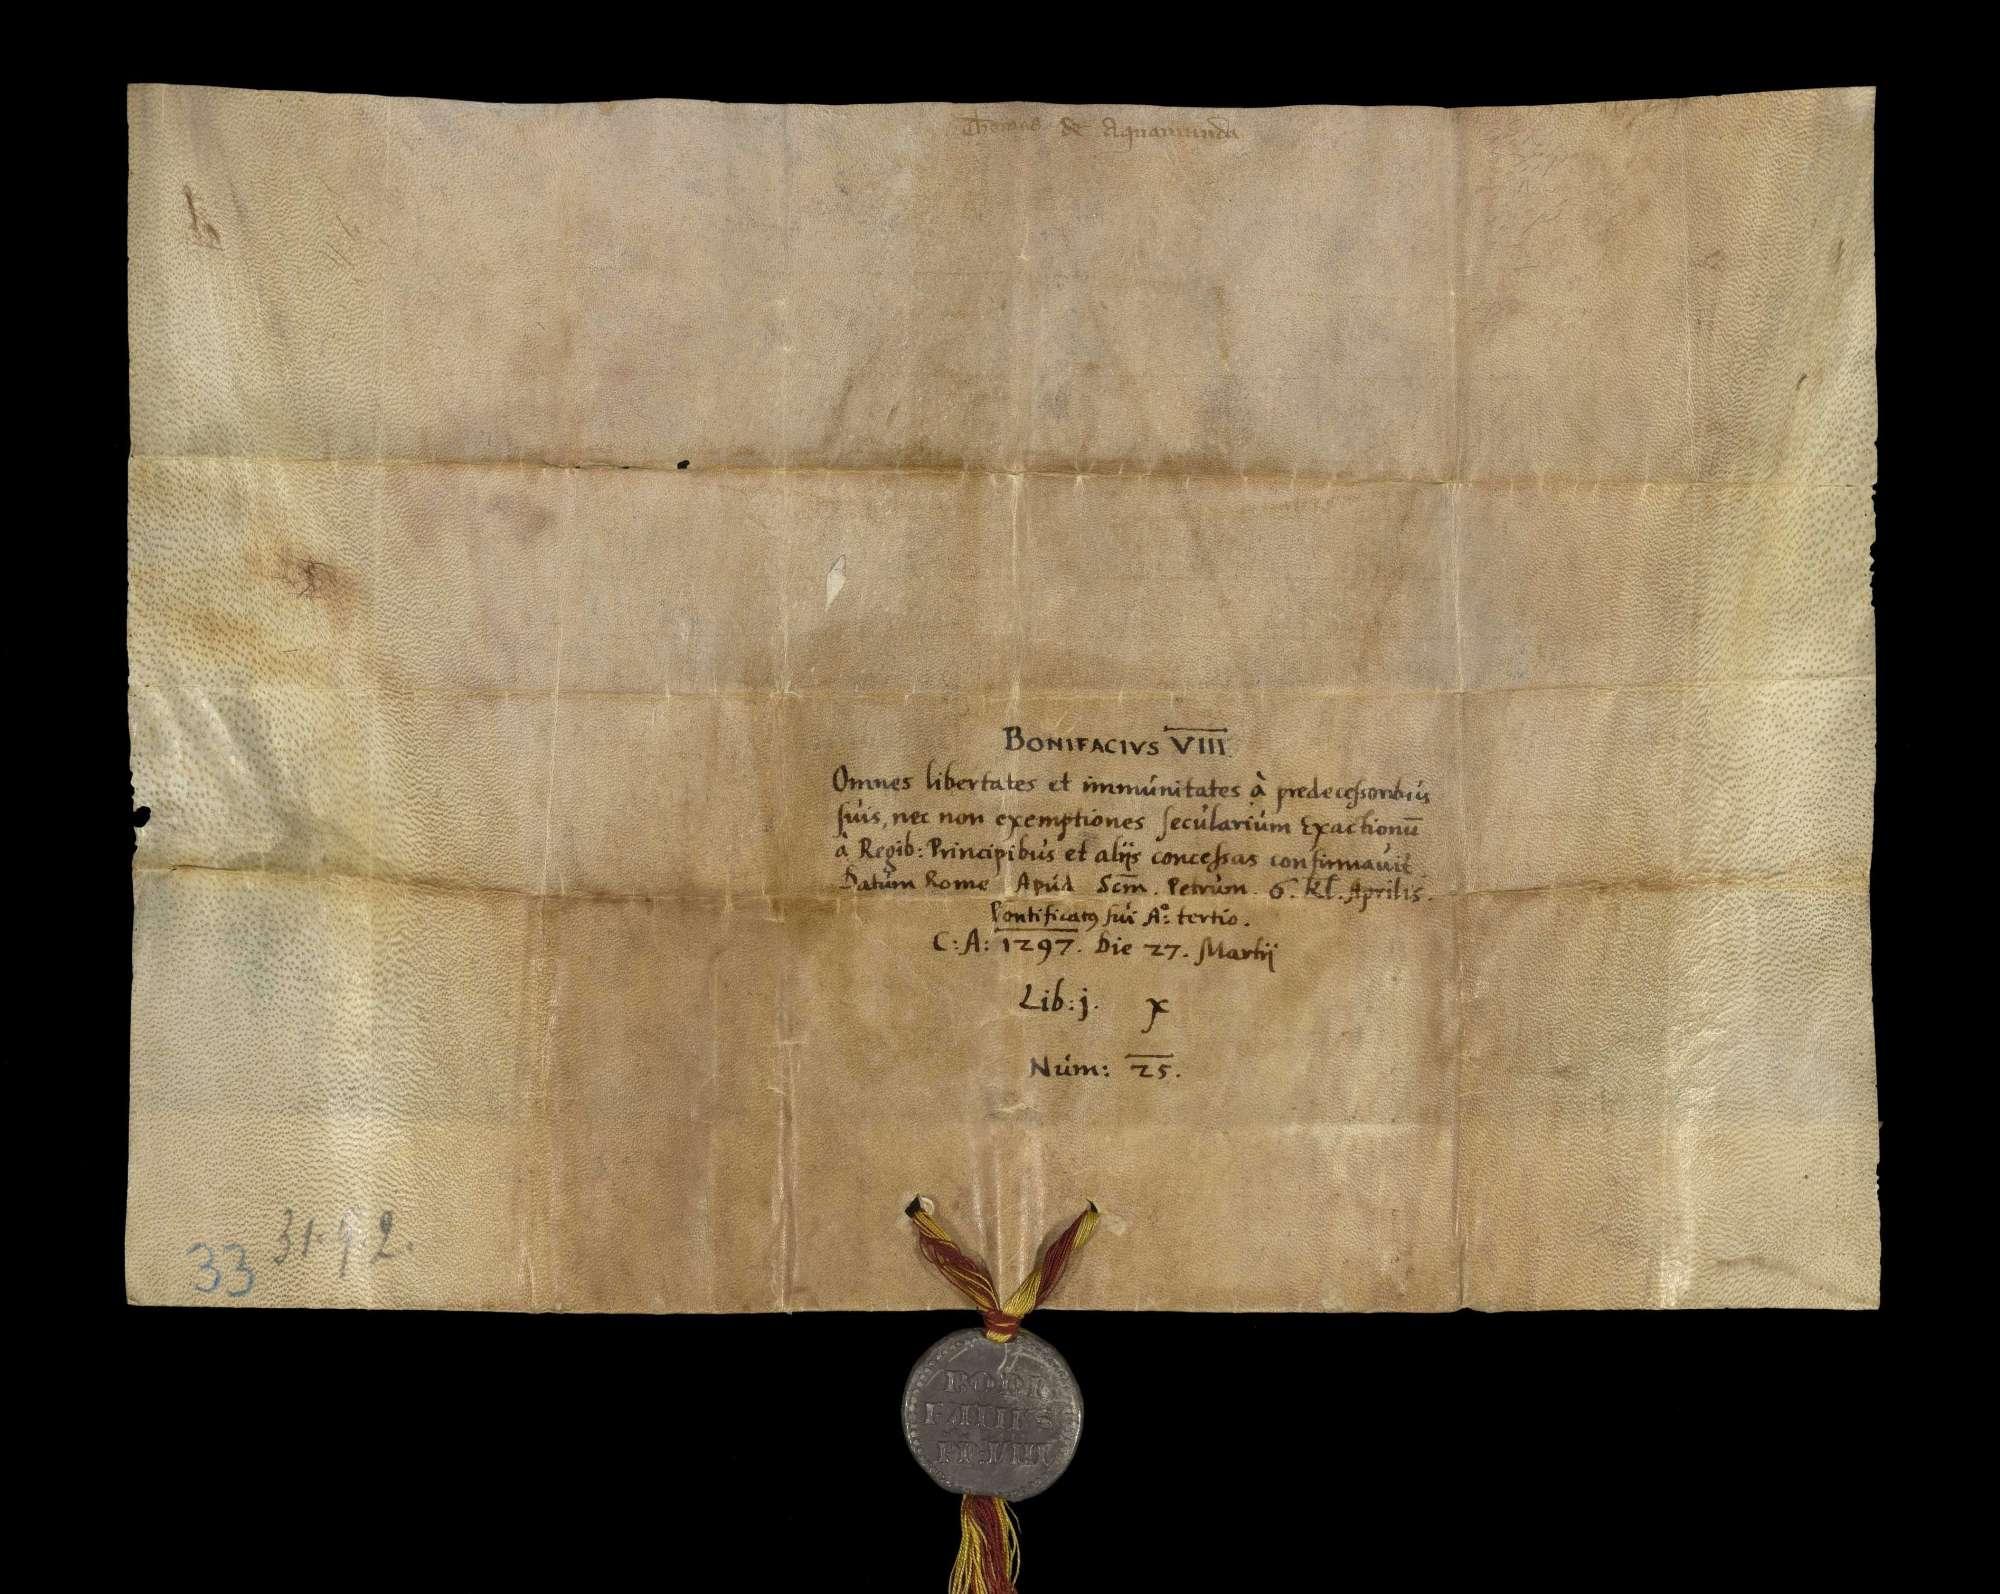 Papst Bonifatius VIII. bestätigt dem Kloster Herrenalb alle seine Privilegien und Freiheiten., v